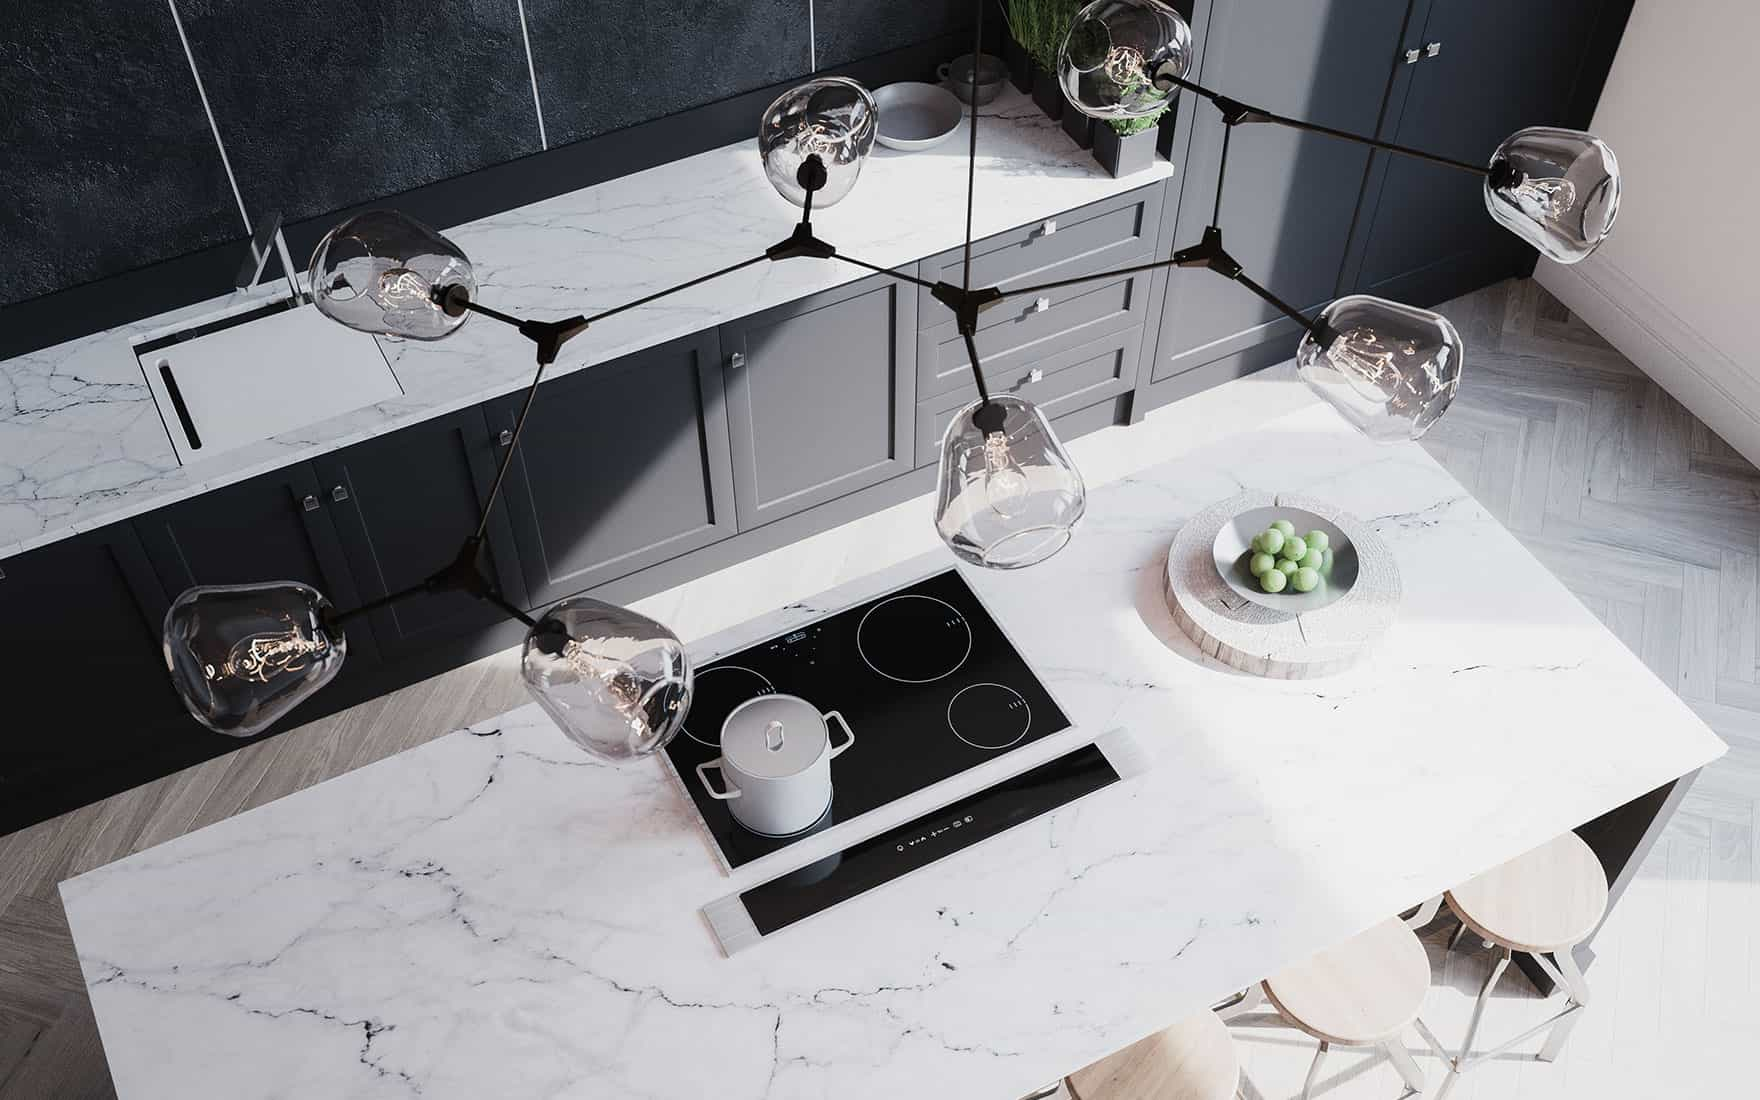 Cuisine moderne grise anthracite sur-mesure avec plan de travail en marbre.